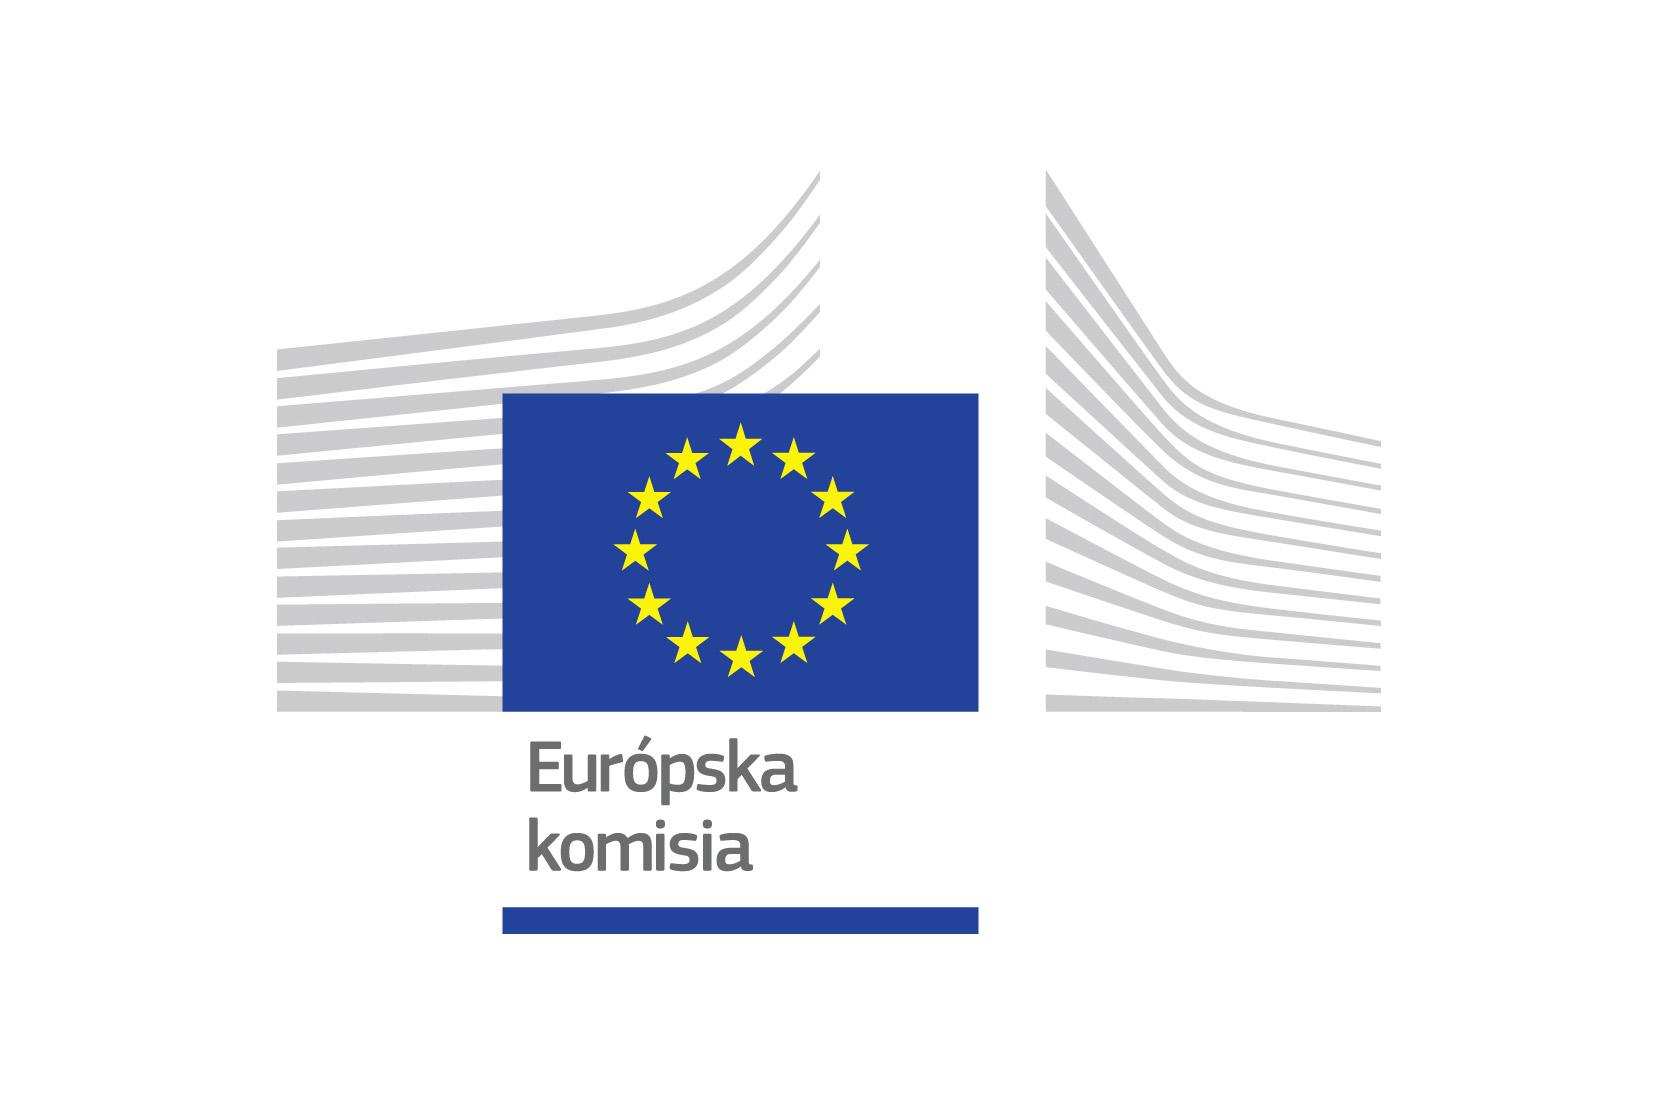 Odporúčanie EK na podporu rozvoja širokopásmových sietí piatej generácie (sietí 5G) a návrh nariadenia Rady k EuroHPC